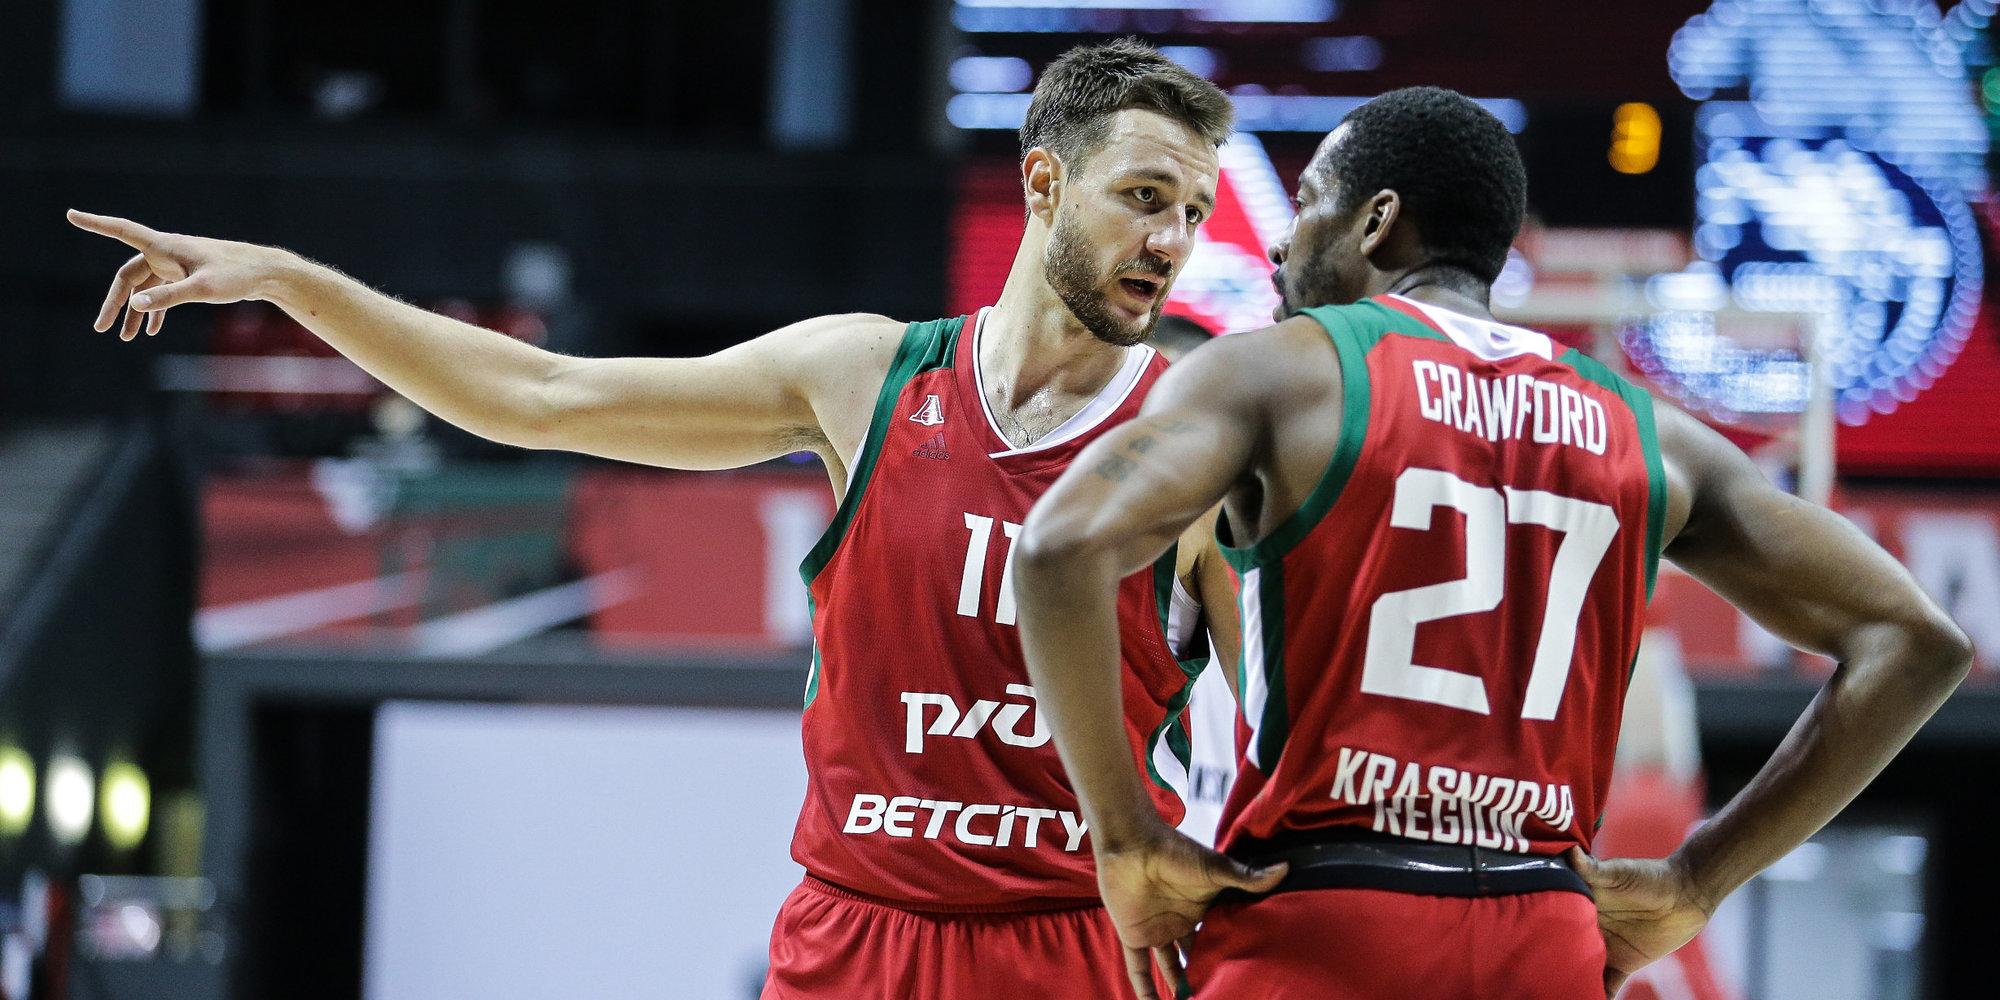 Станислав Ильницкий — о решающей игре с «Тренто»: «Сделаем все, чтобы победить и остаться в Еврокубке»